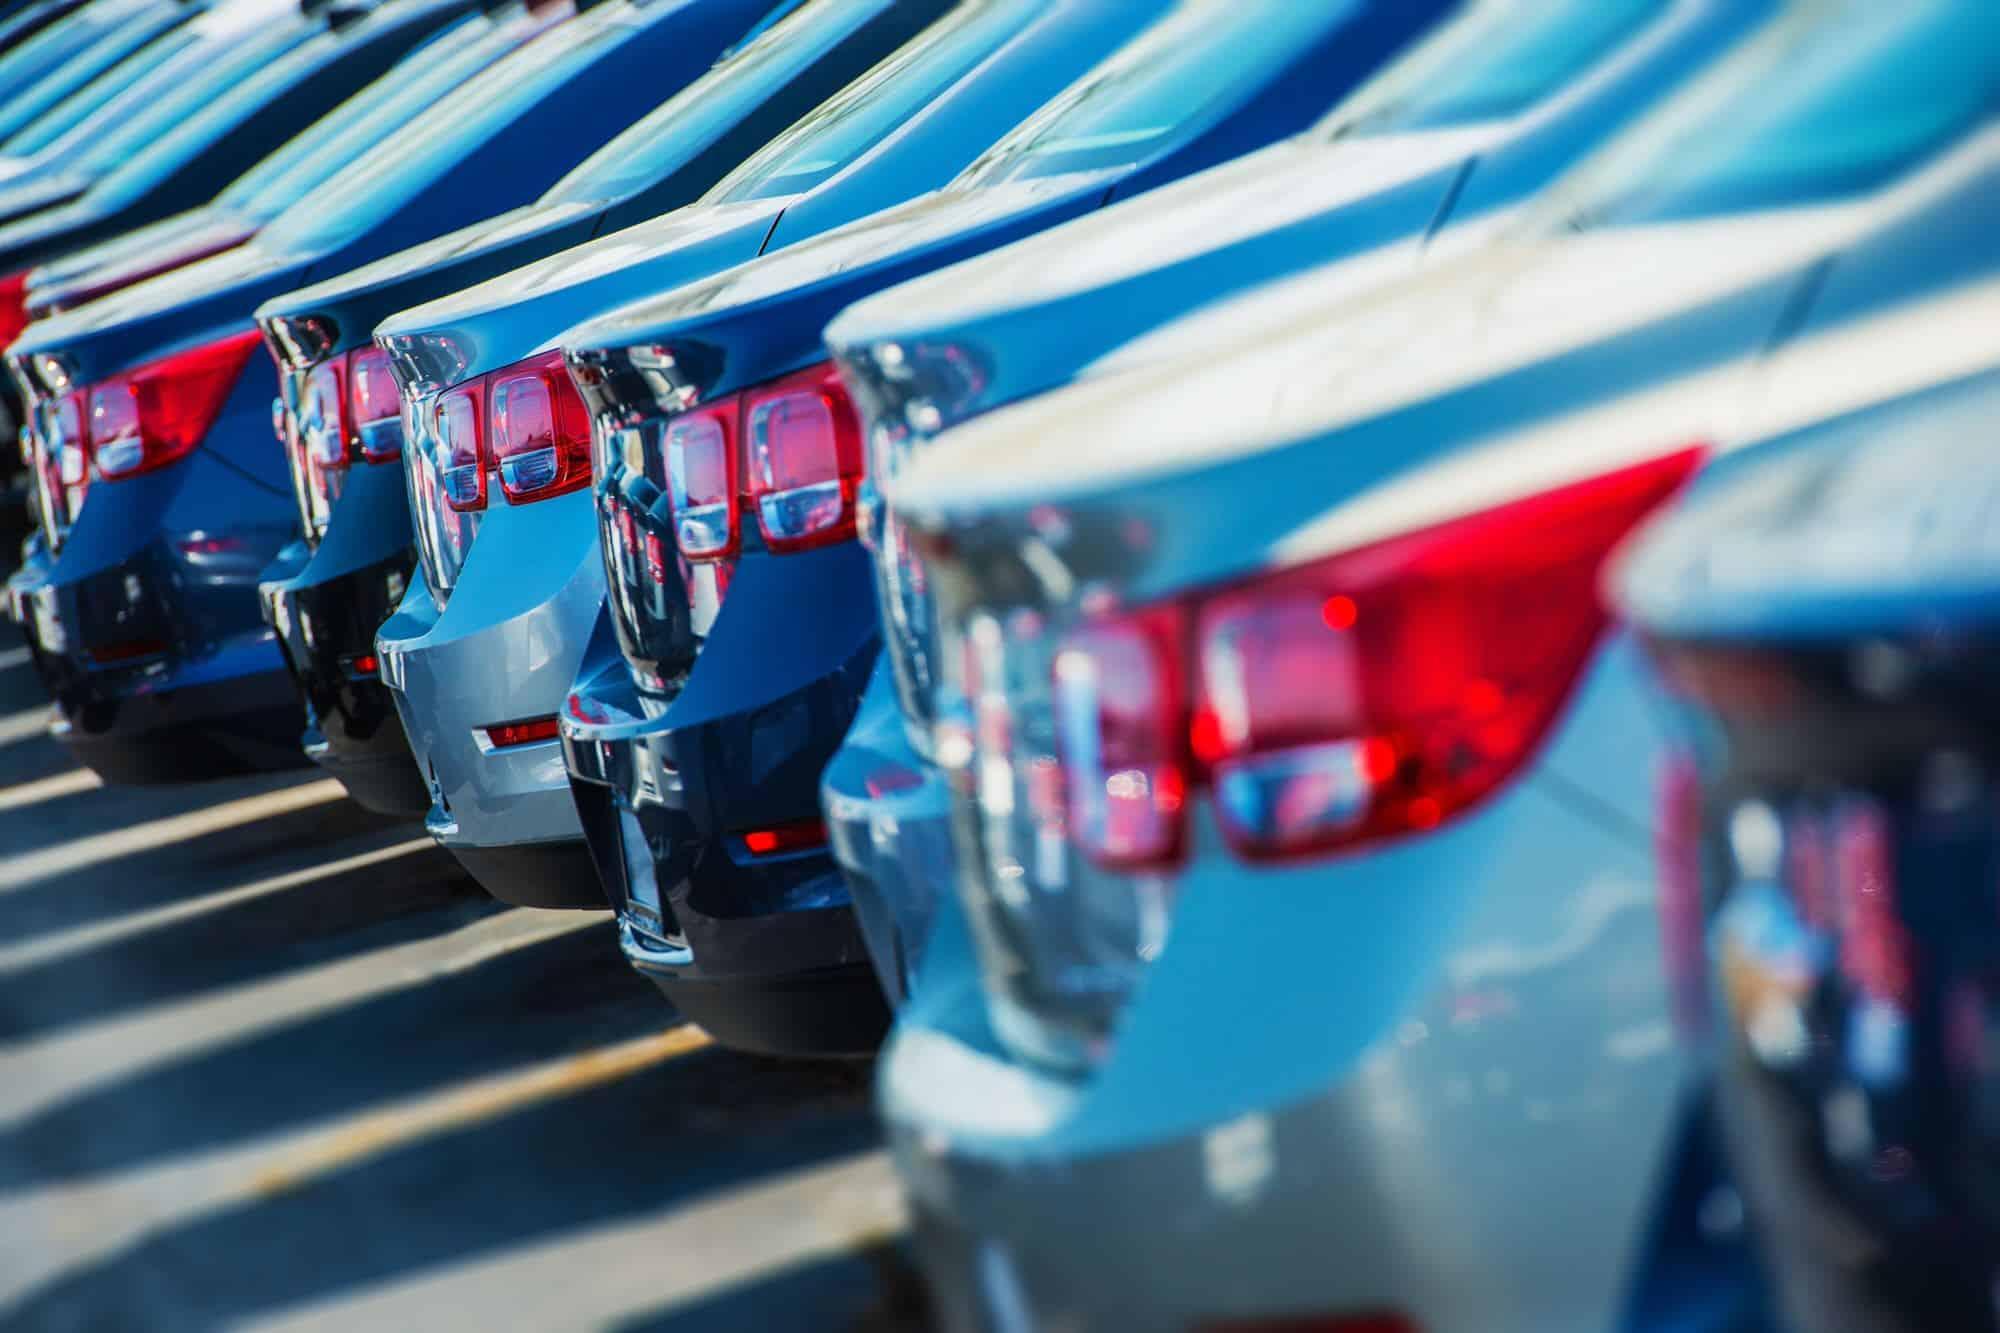 """Folgen von """"Diesel-Gate"""" in 2015: Absatzeinbußen, neue Regelungen und Hype für Elektroautos?"""